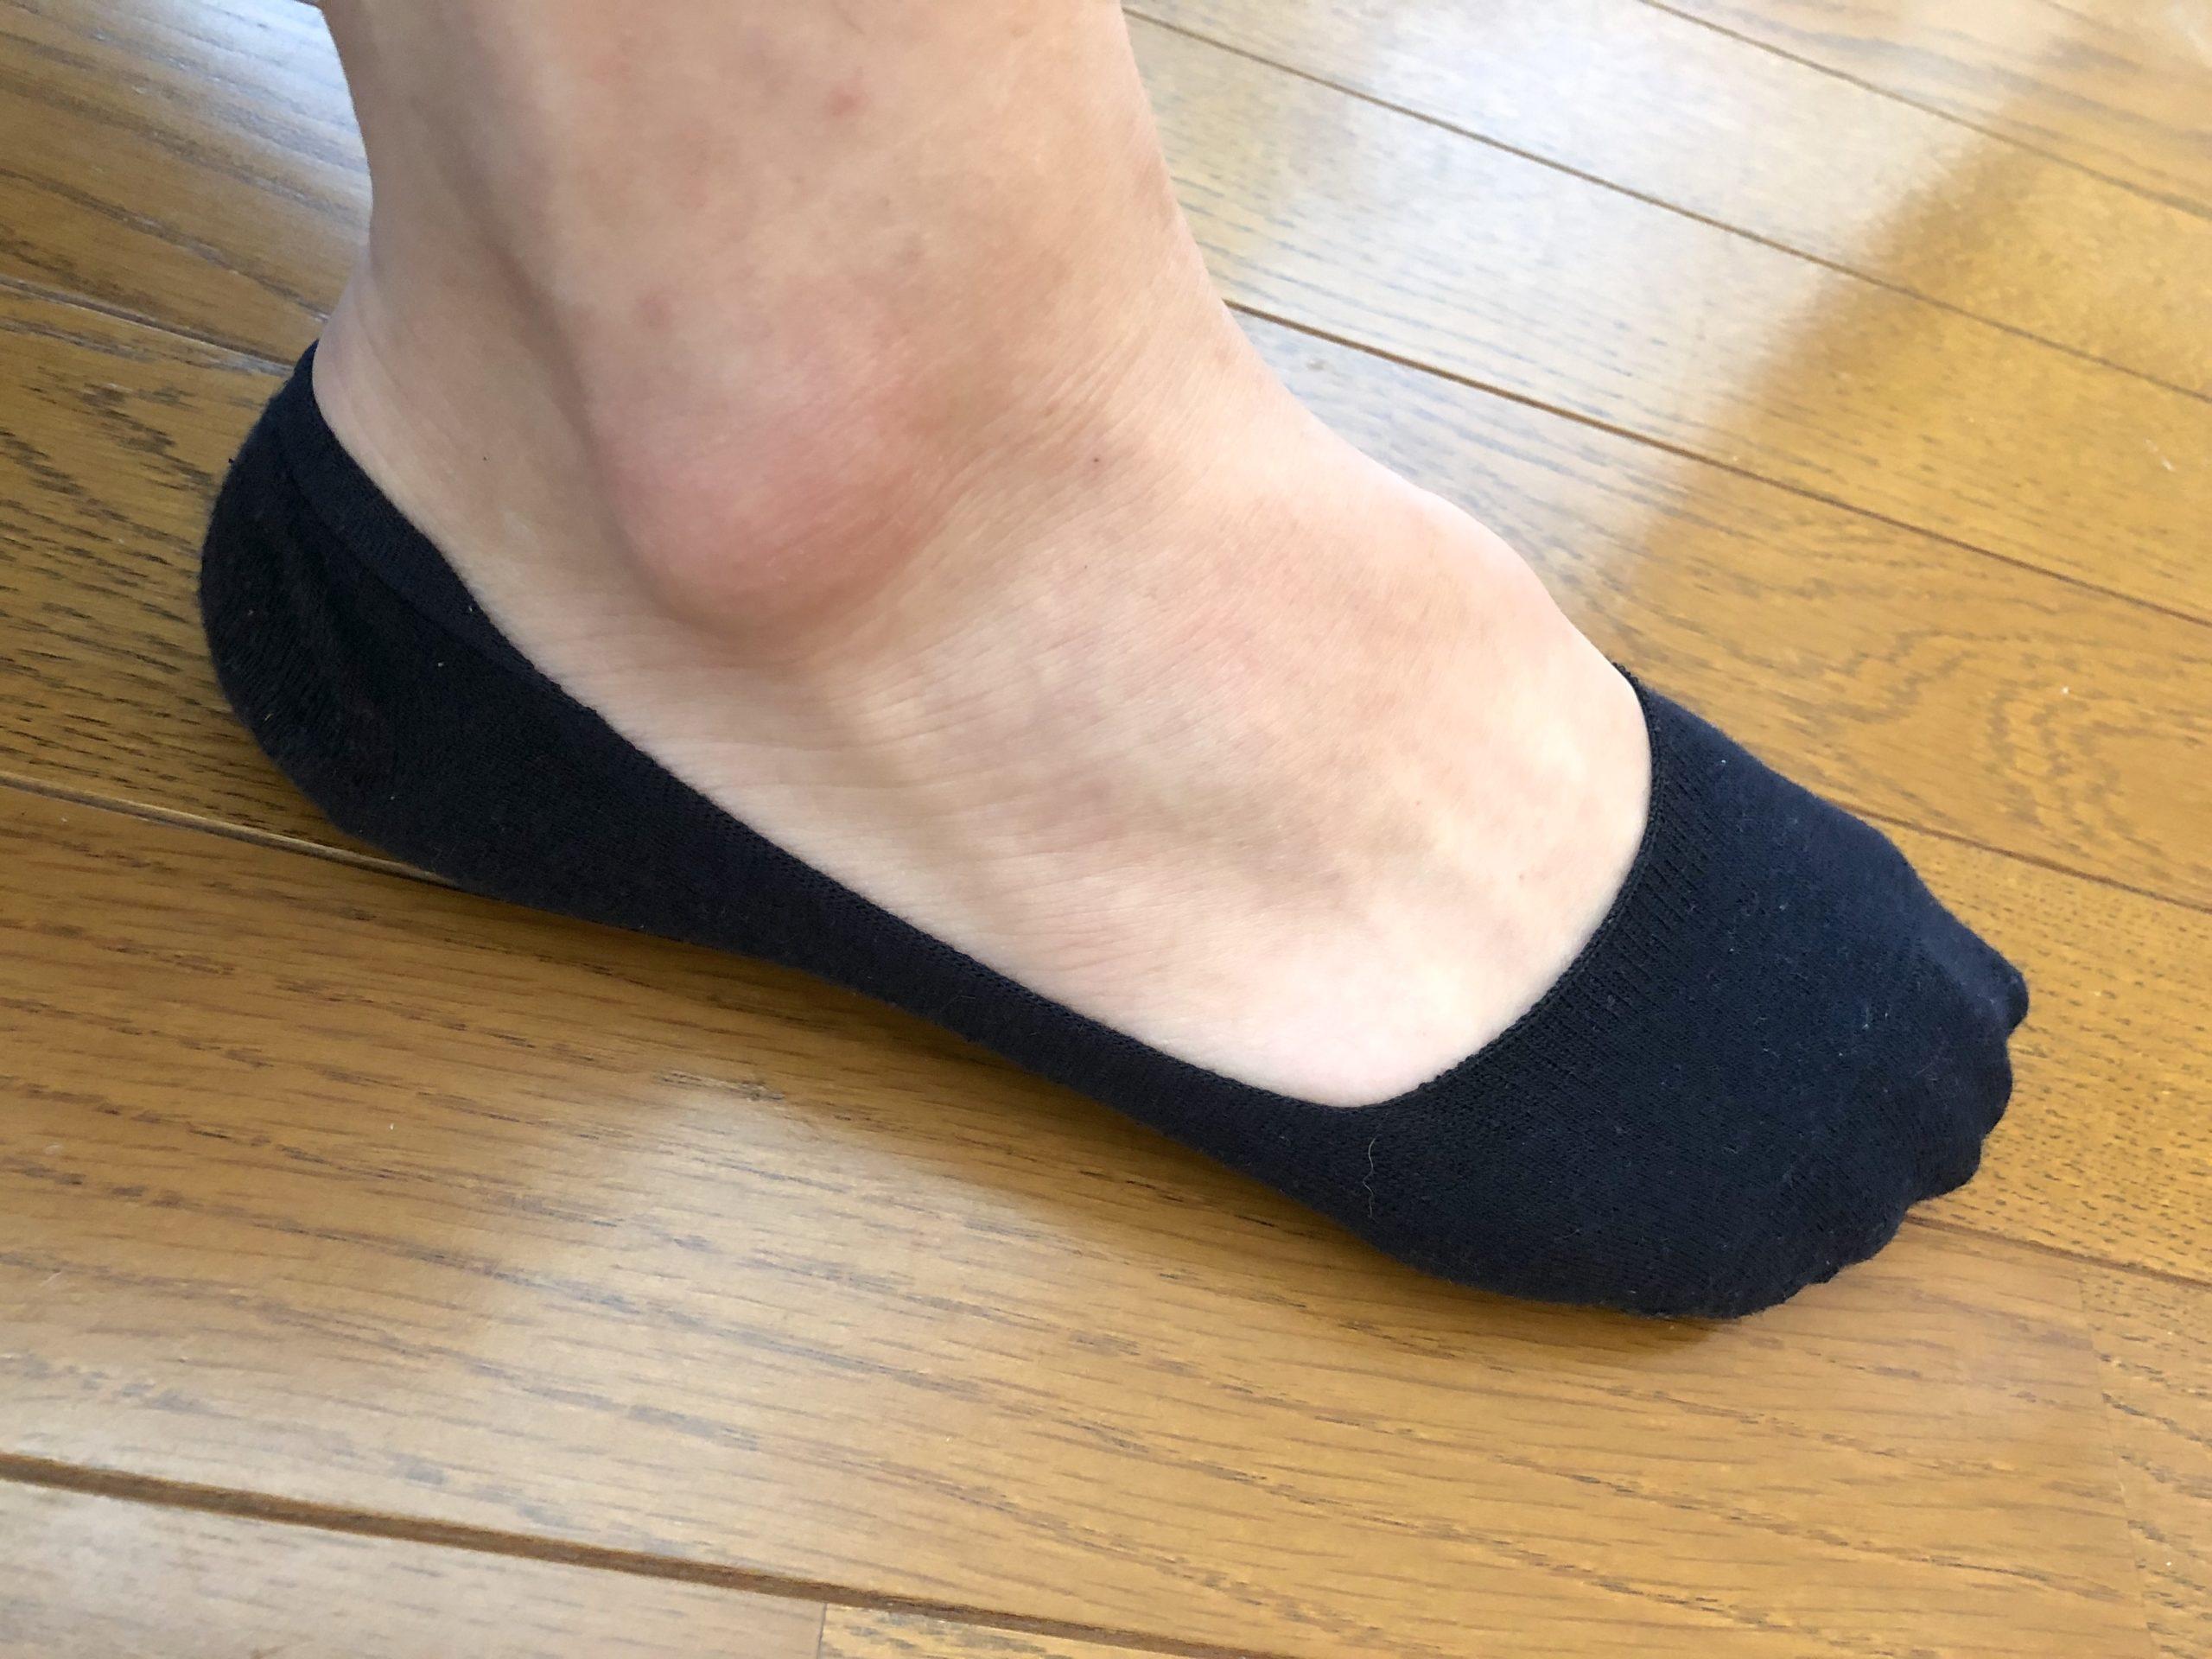 グンゼ・ボディワイルドのフットカバーの浅履きを履いた写真